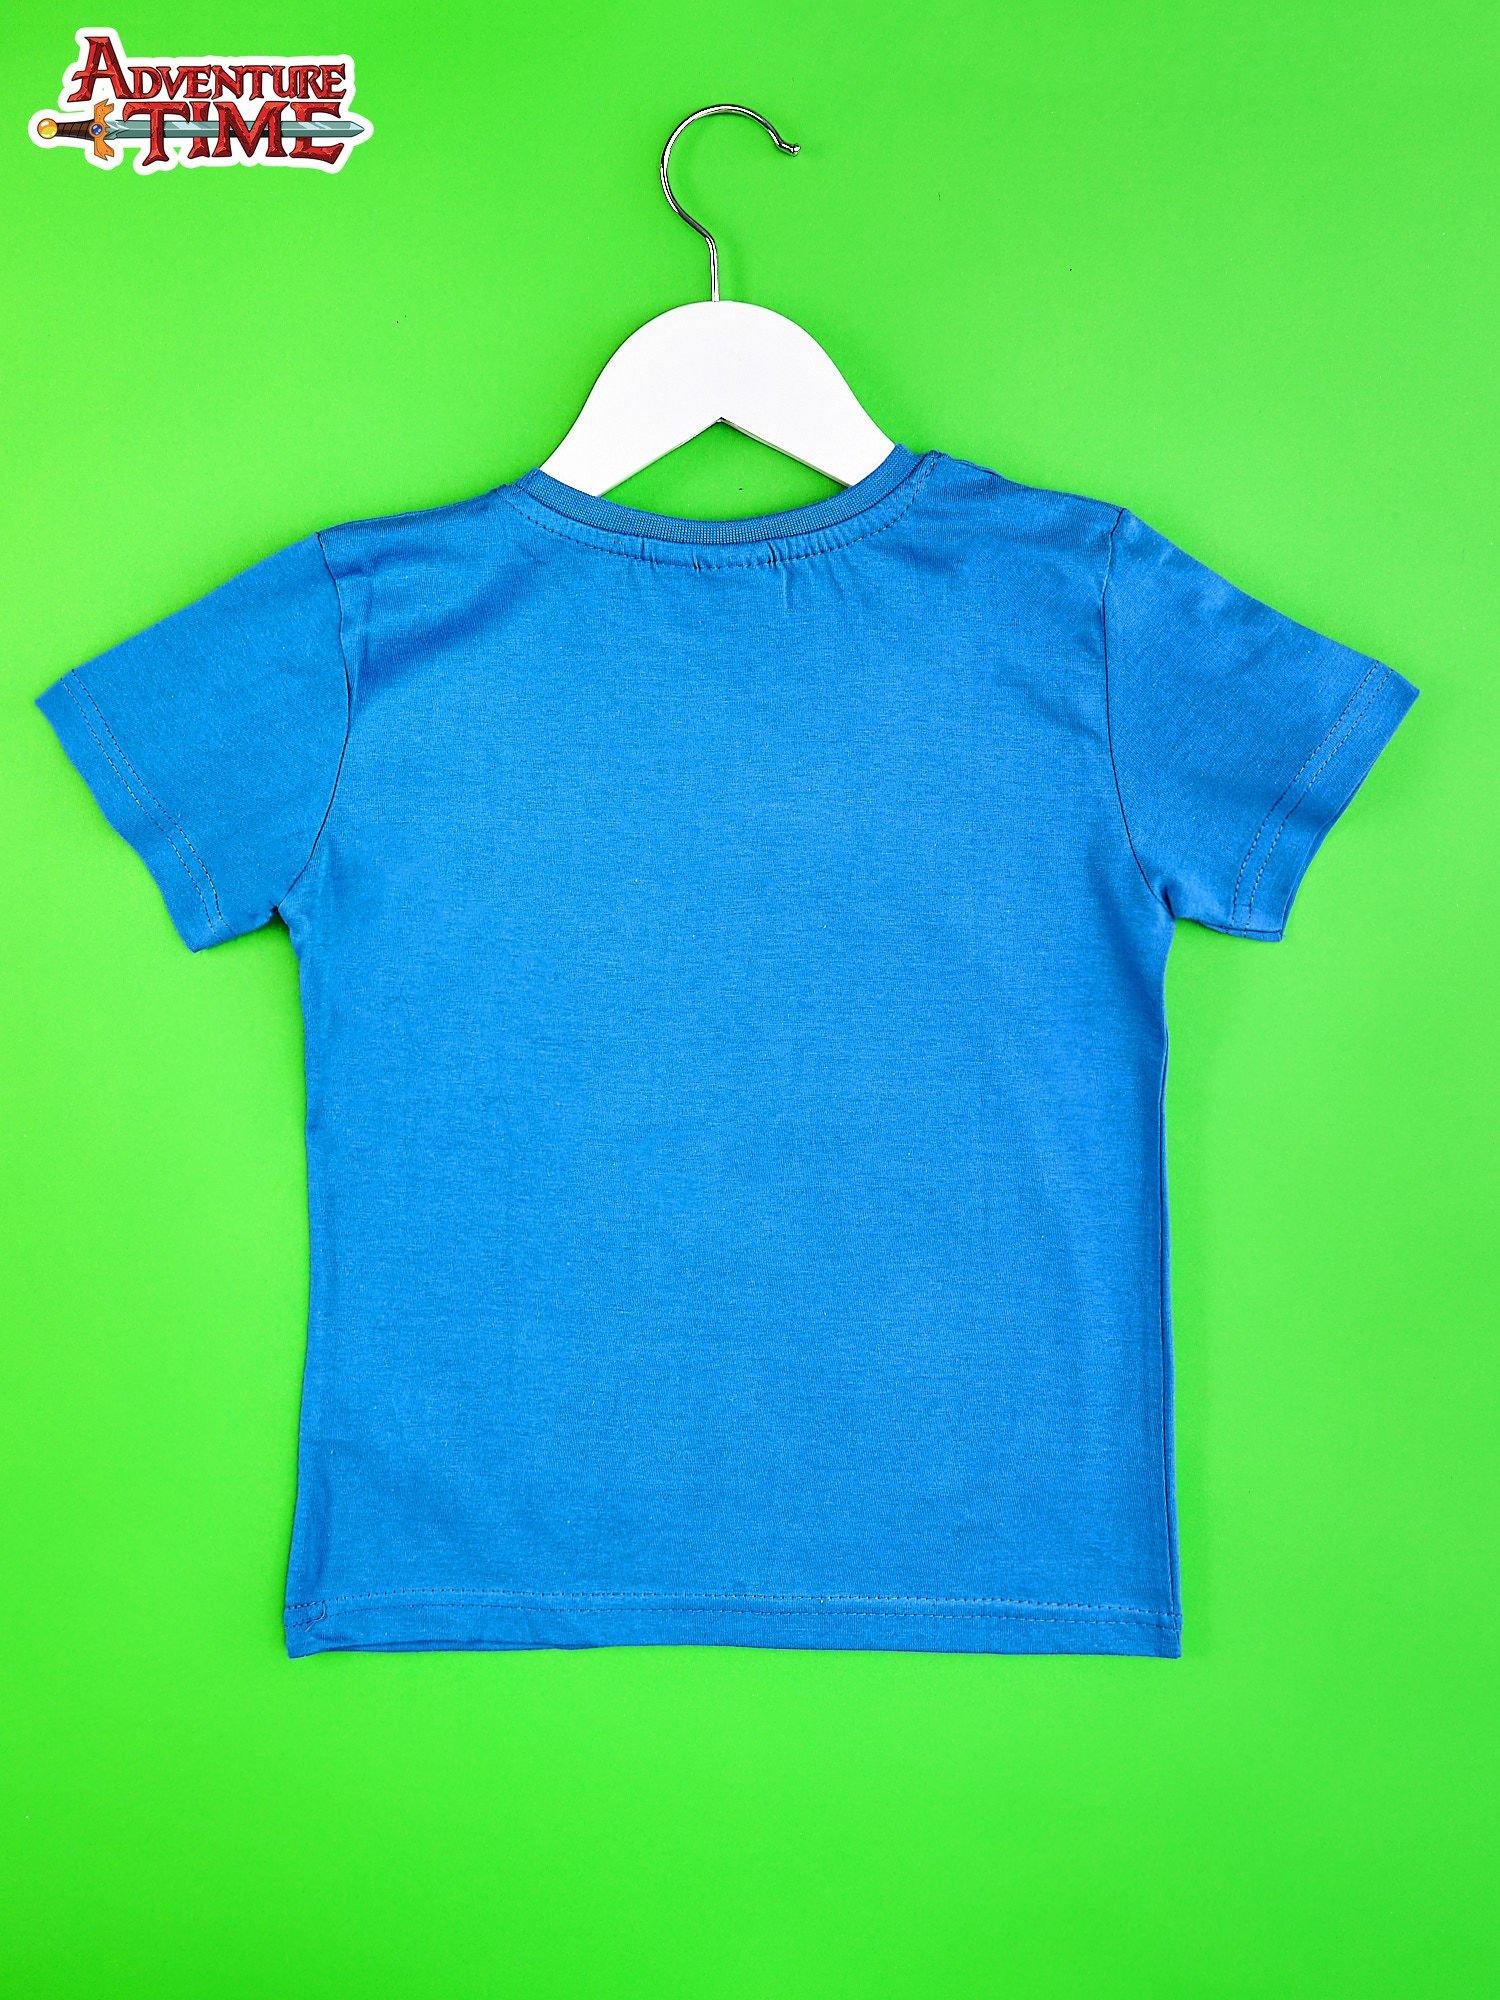 Niebieski t-shirt chłopięcy ADVENTURE TIME                                   zdj.                                  2